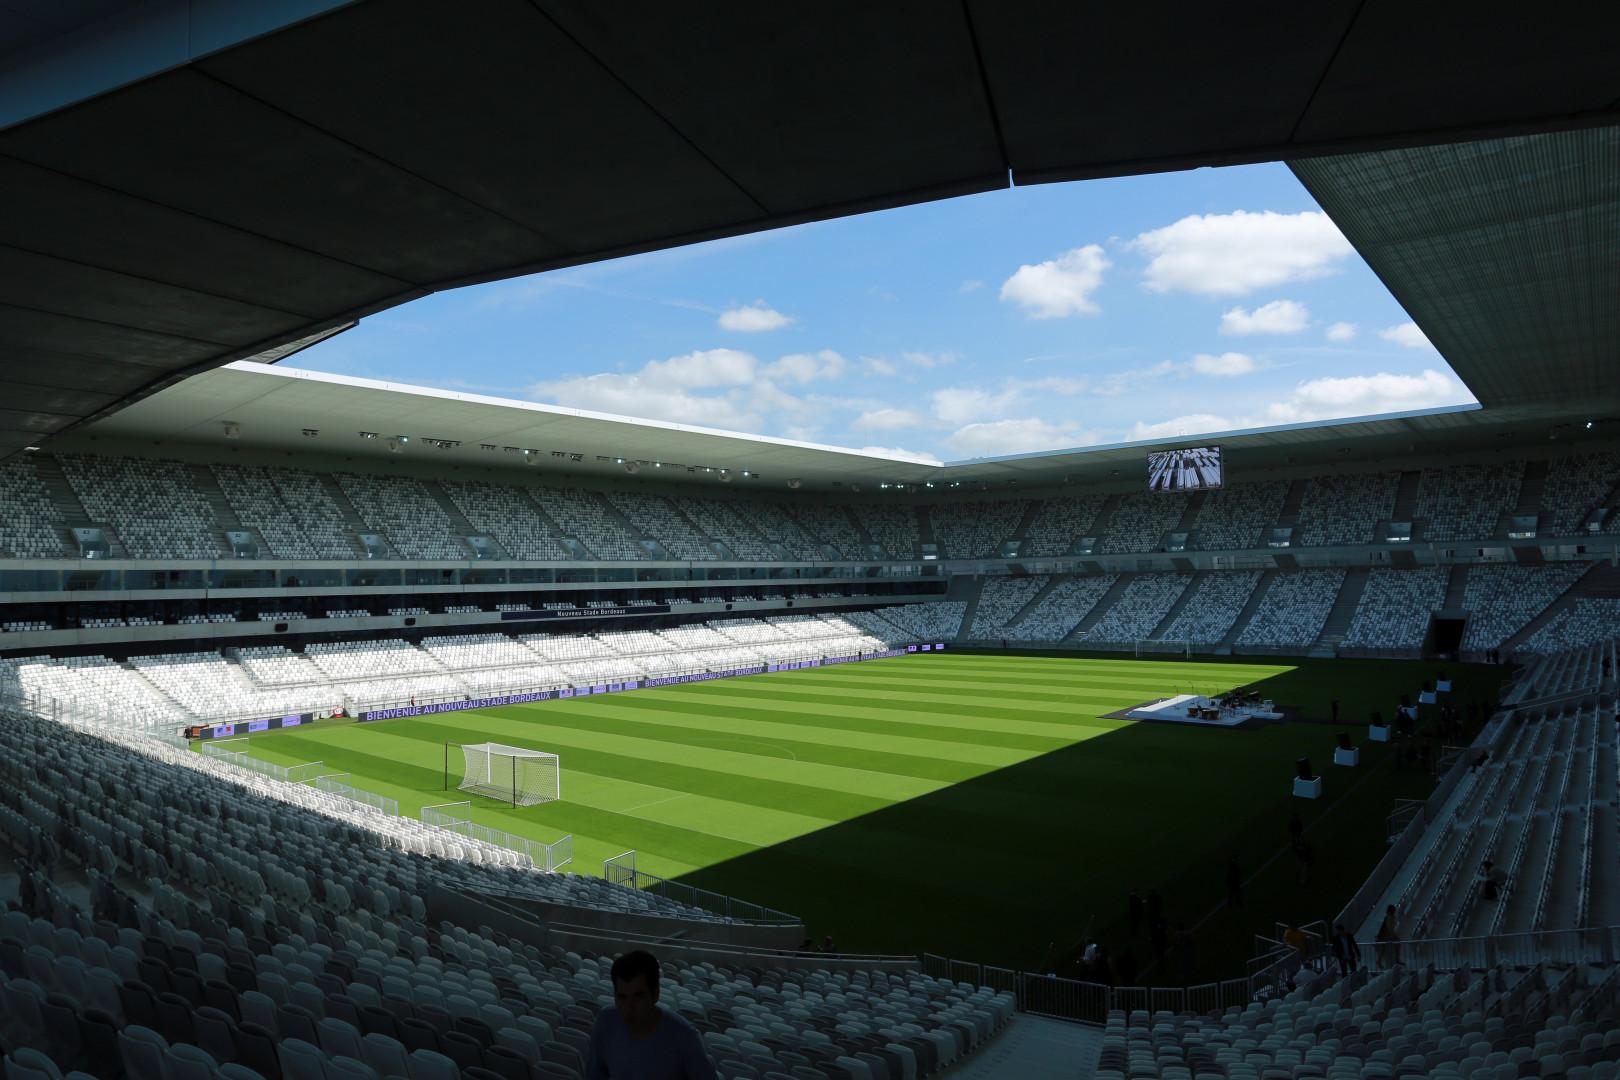 Le Nouveau Stade de Bordeaux a une capacité de 42.115 places